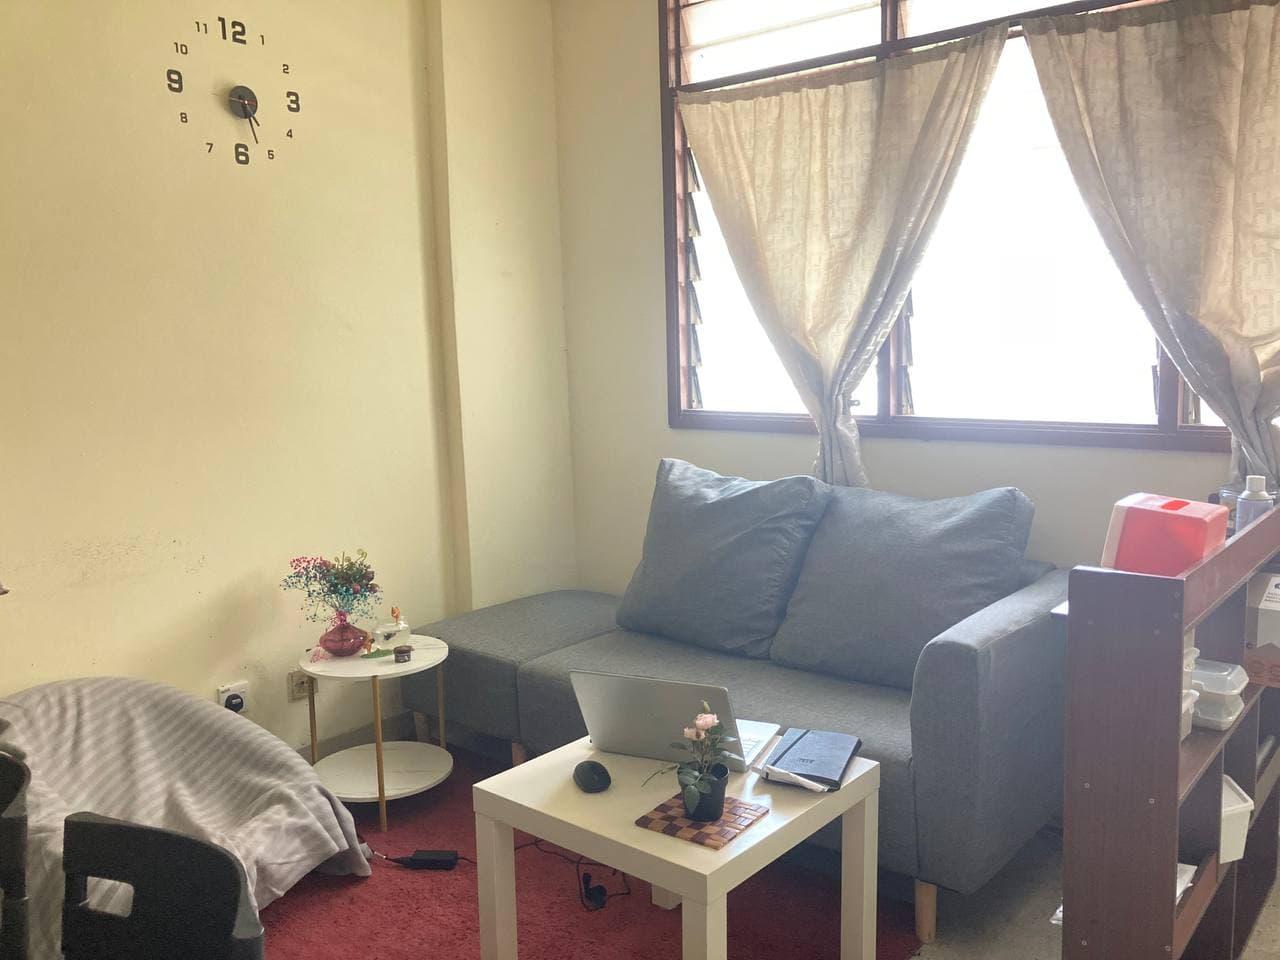 Ubah Suai Sudut Ruang Tamu Rumah Sewa Nampak Hidup